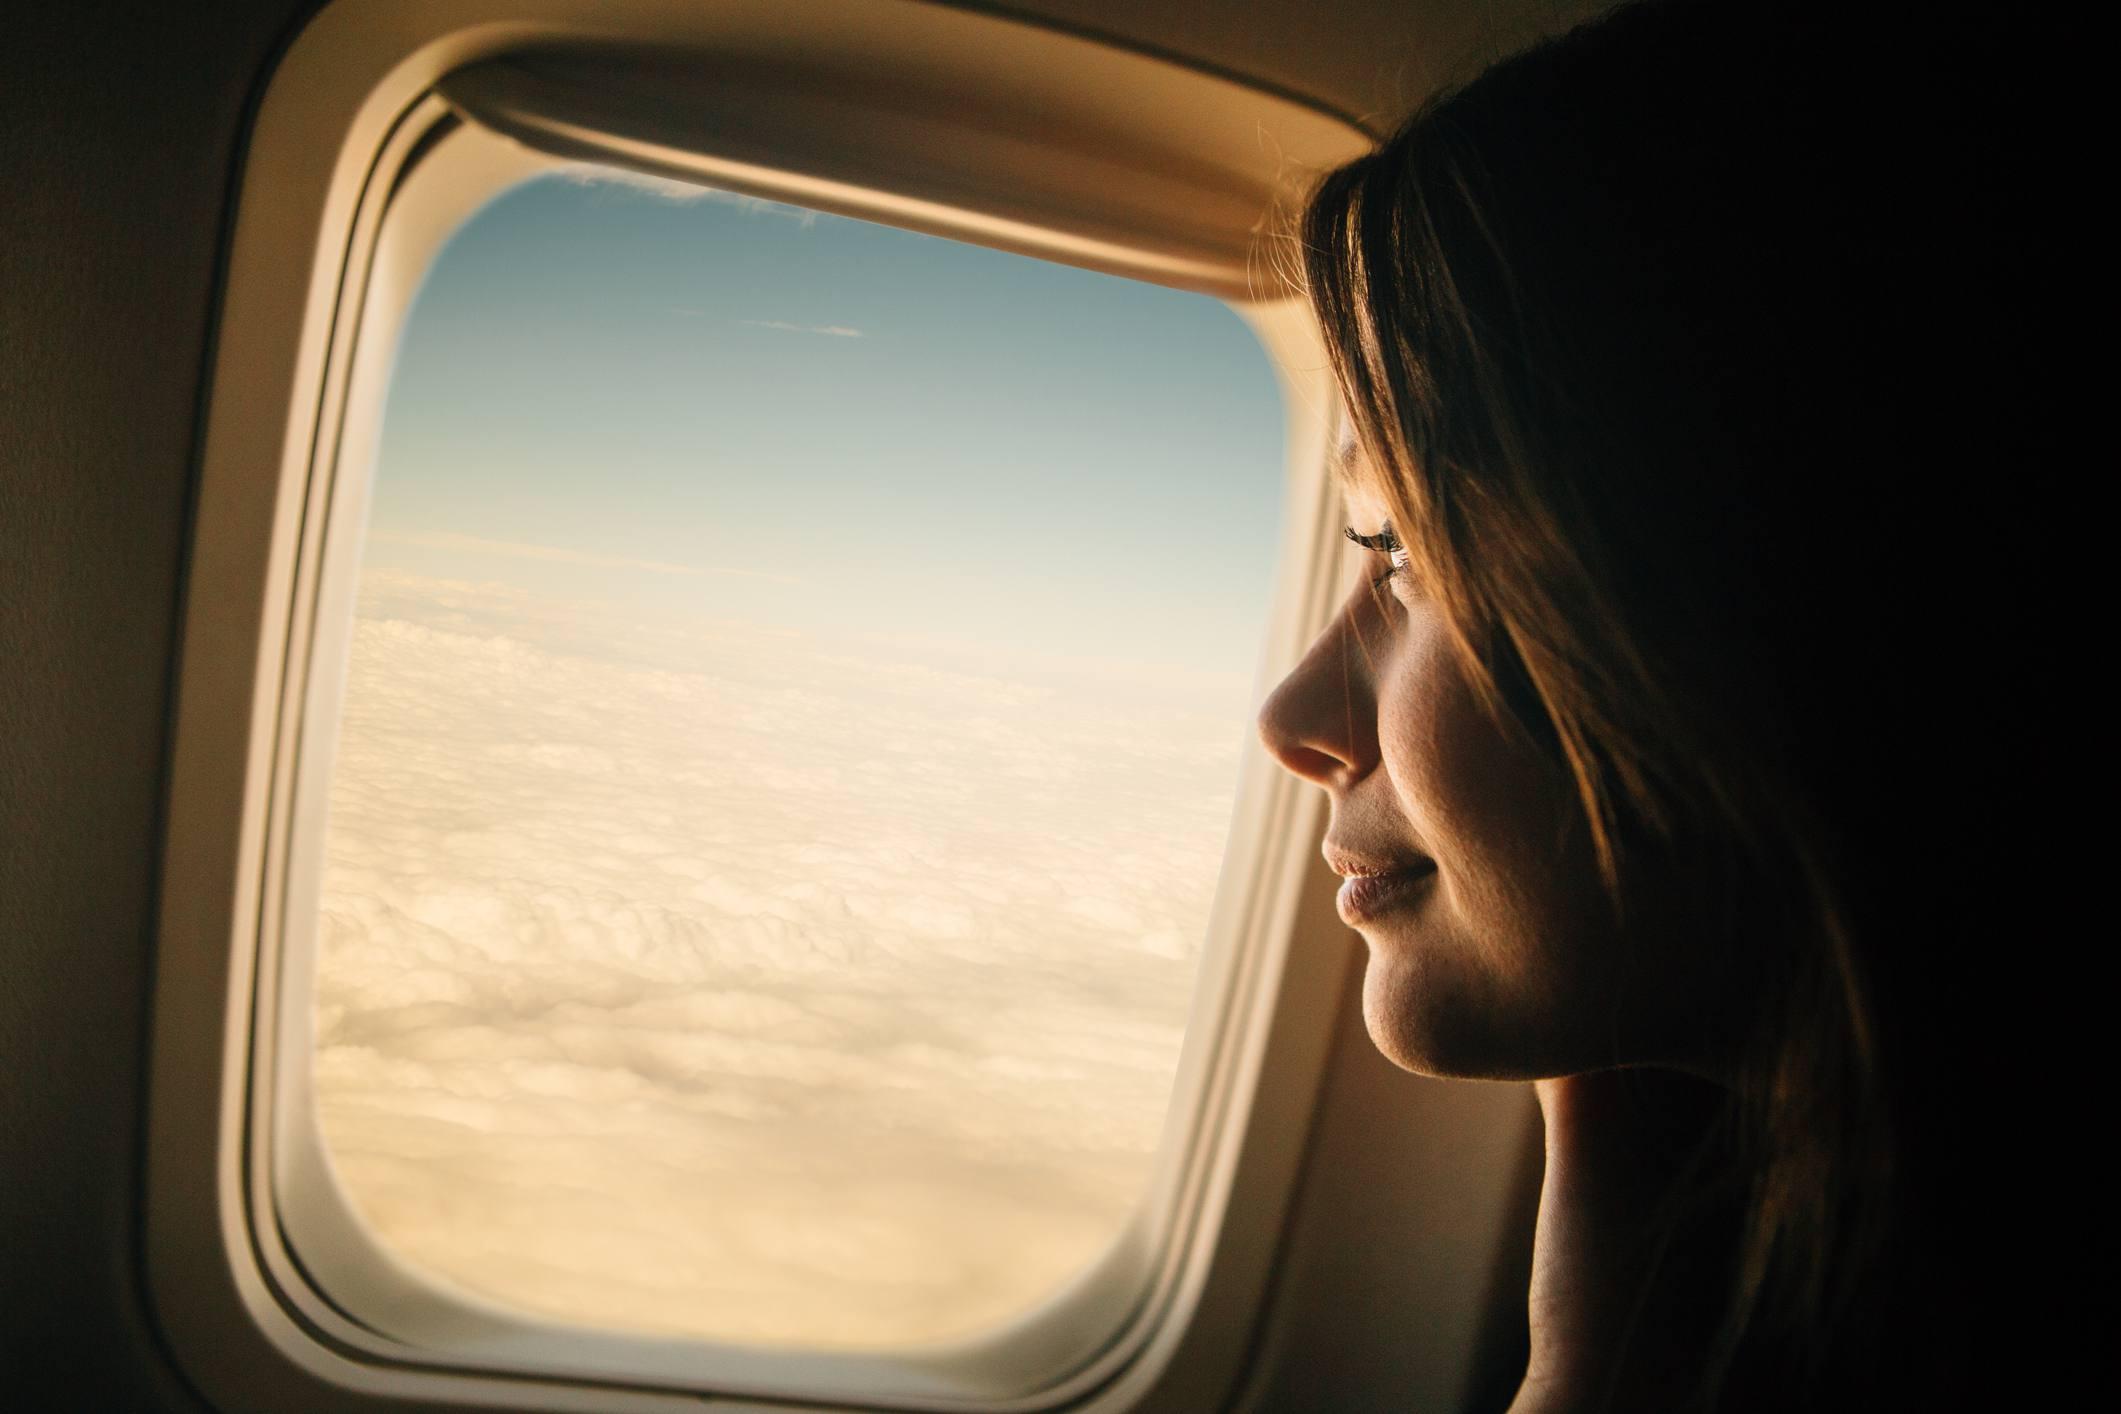 Mujer mirando por ventana de avión.